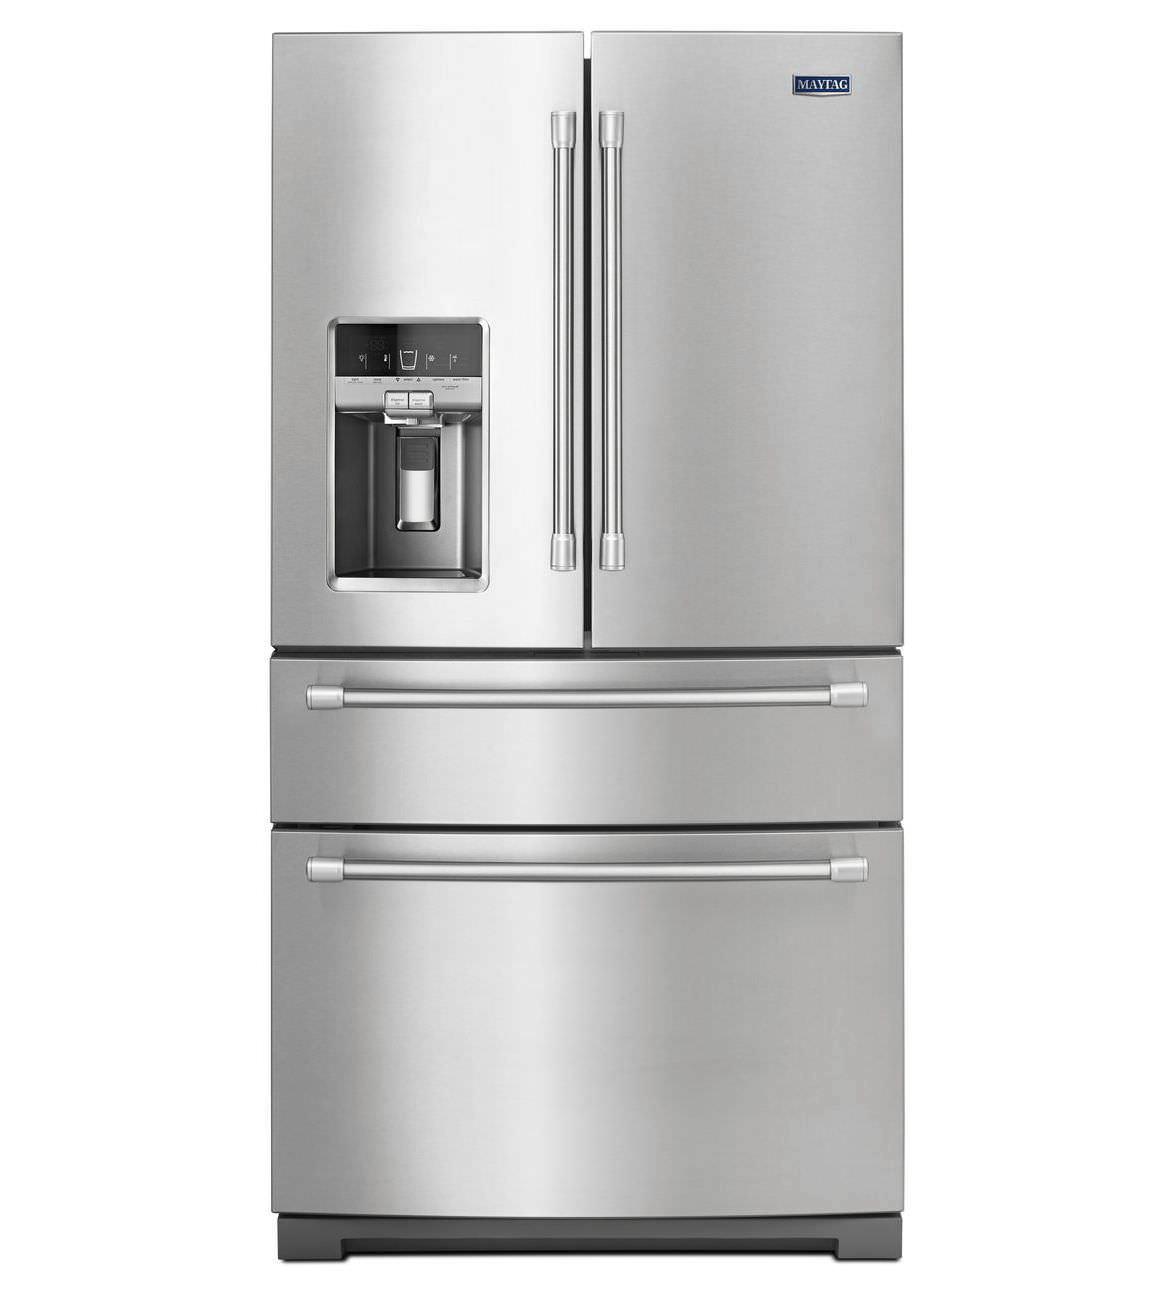 Comment choisir un r frig rateur cong lateur - Comment degivrer un congelateur ...